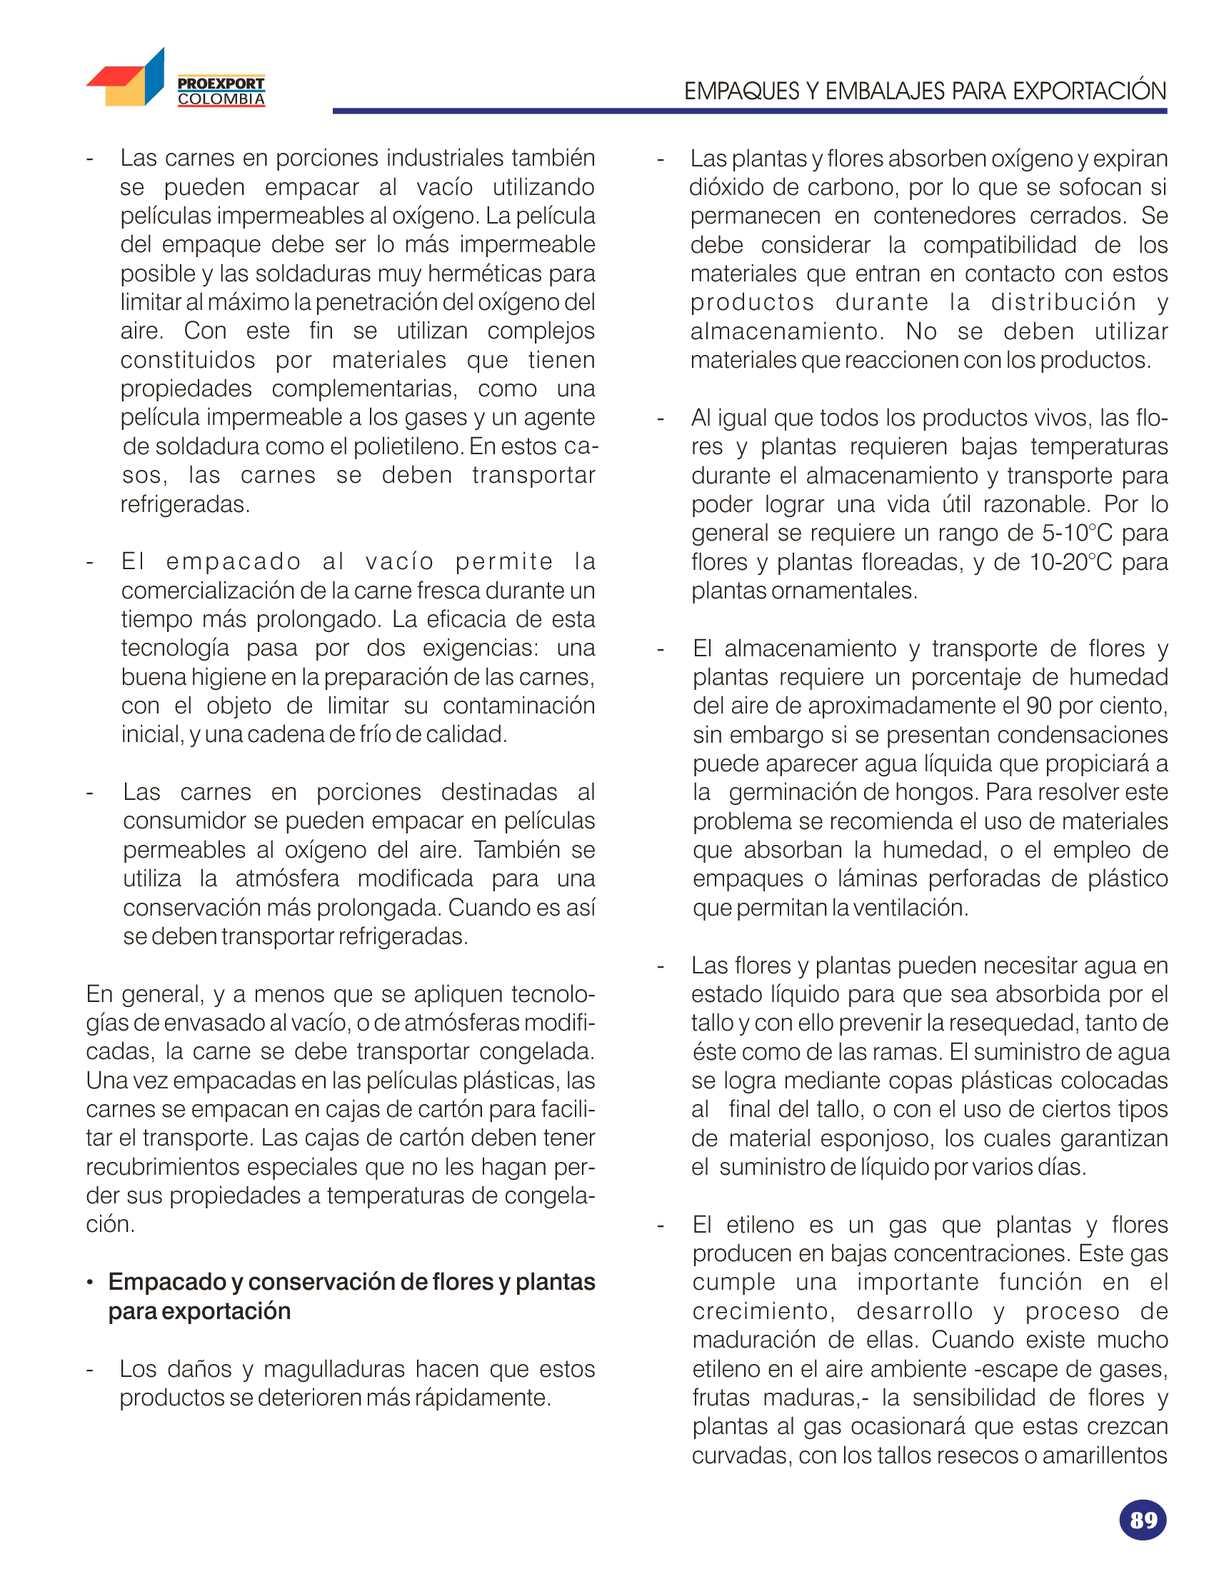 ac1e70ad9 CALAMEO PDF Downloader